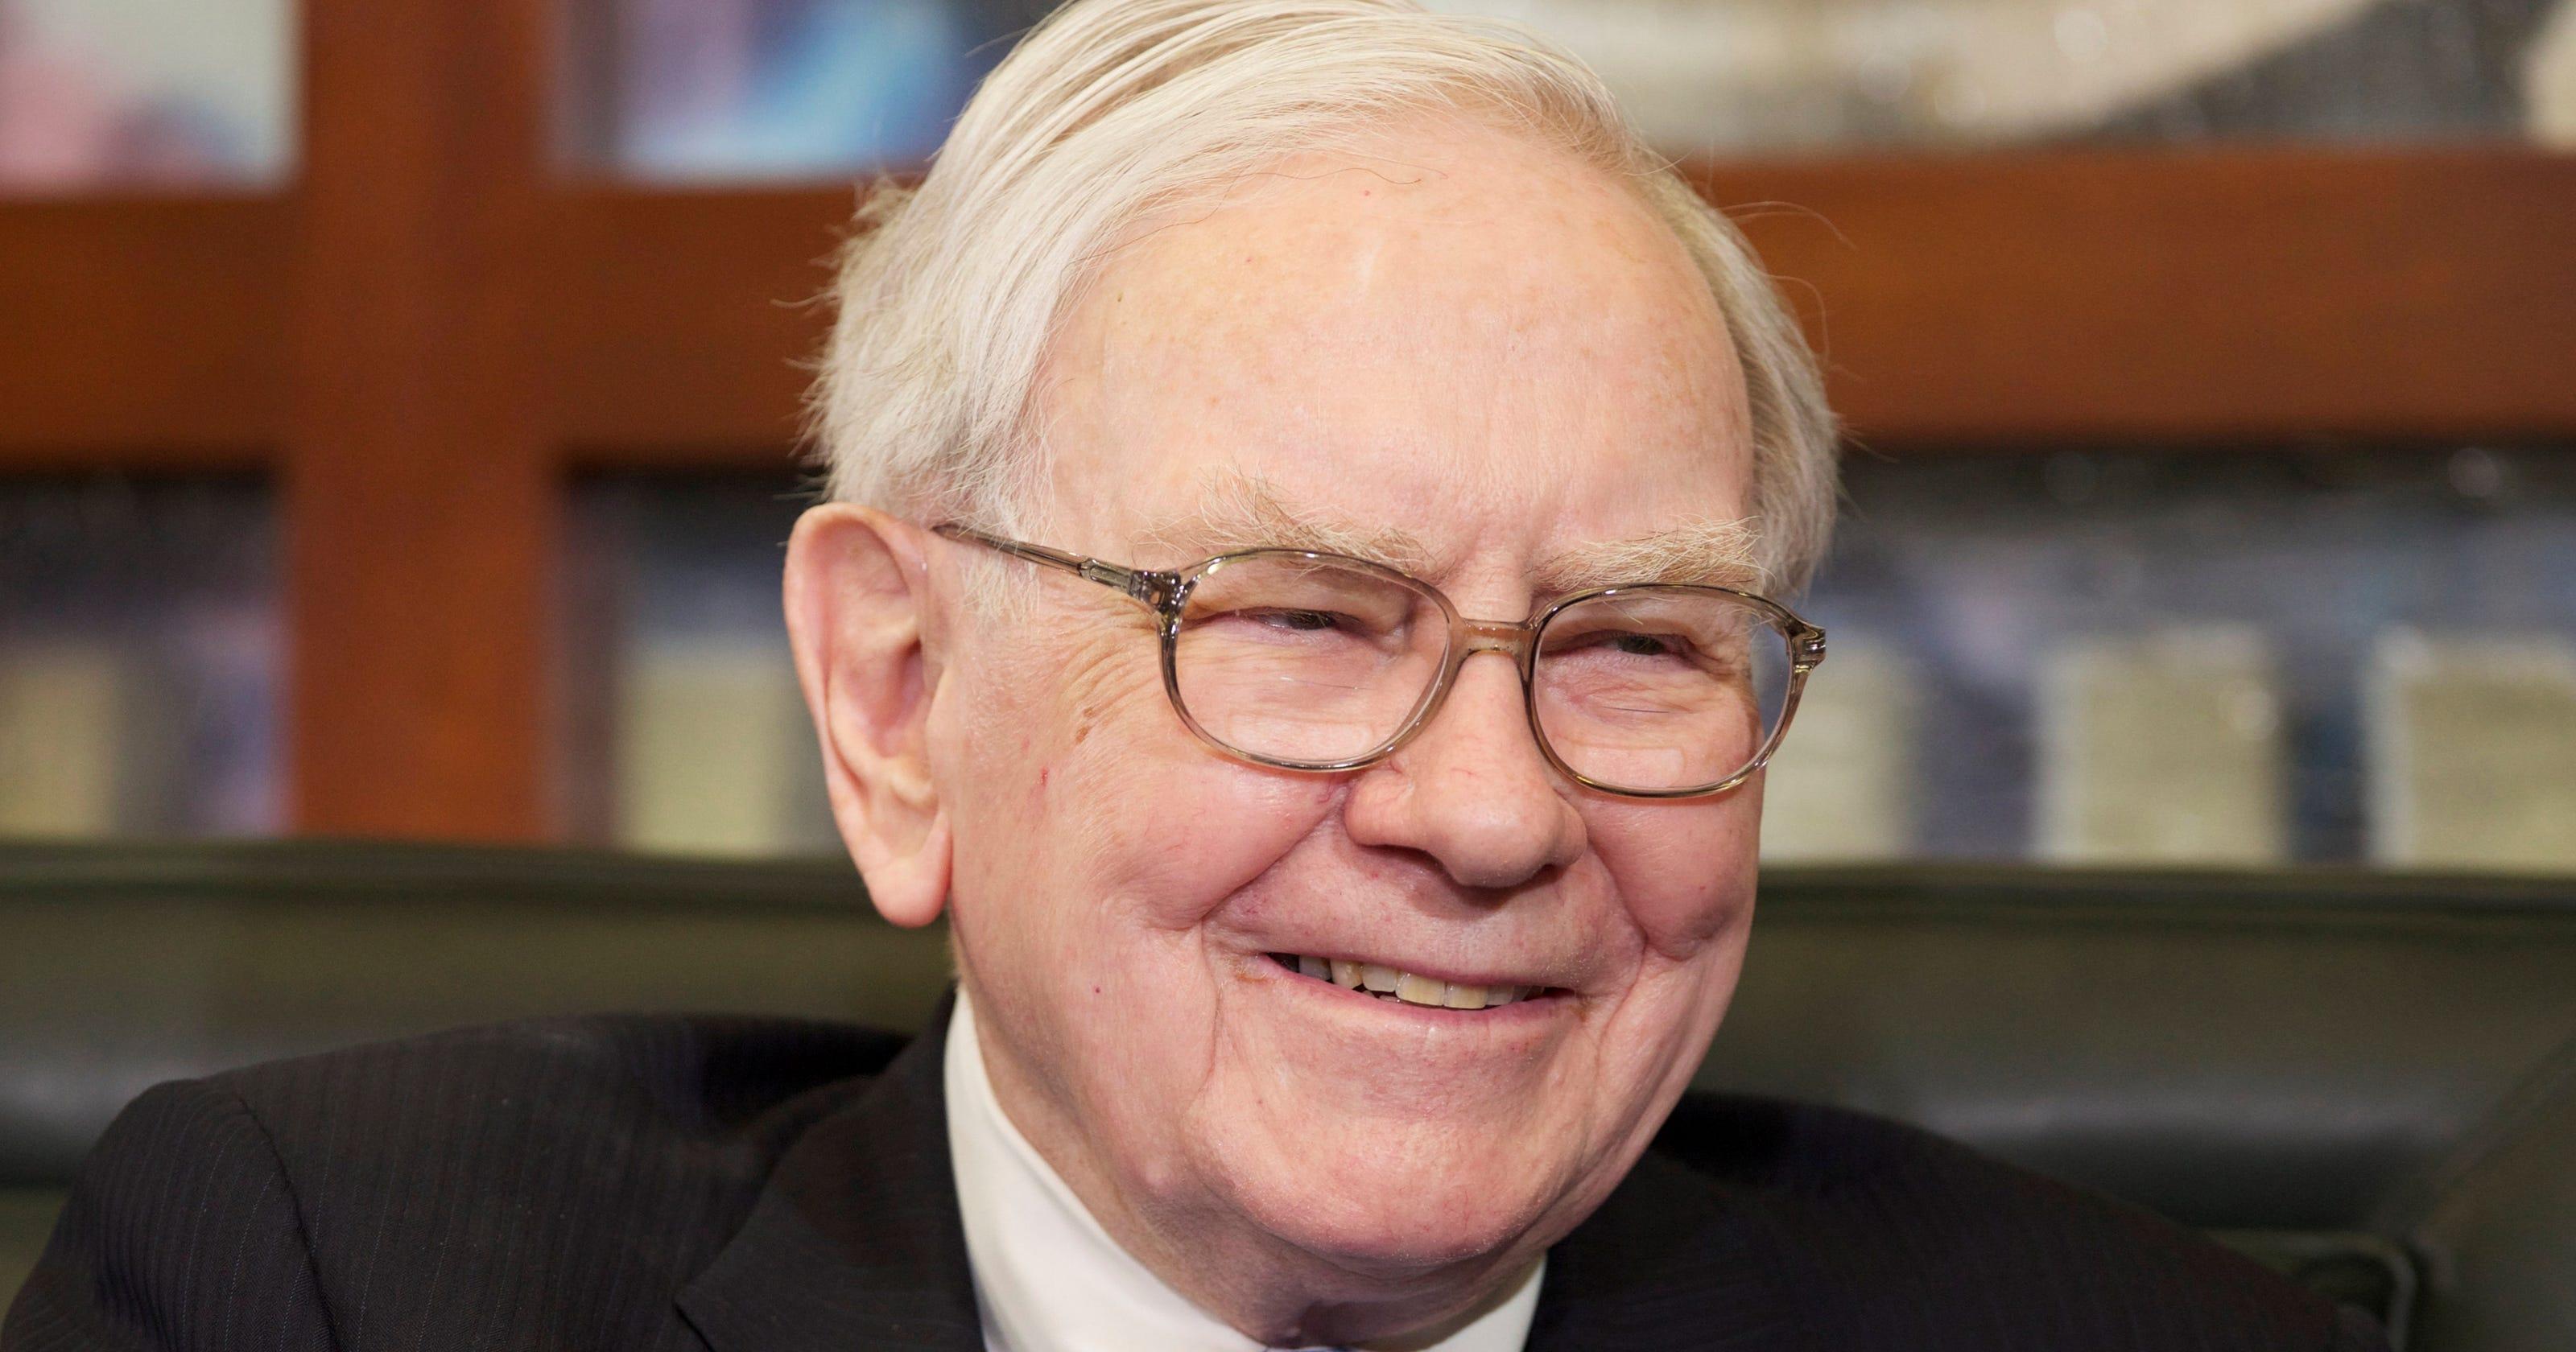 Buffett FAQ